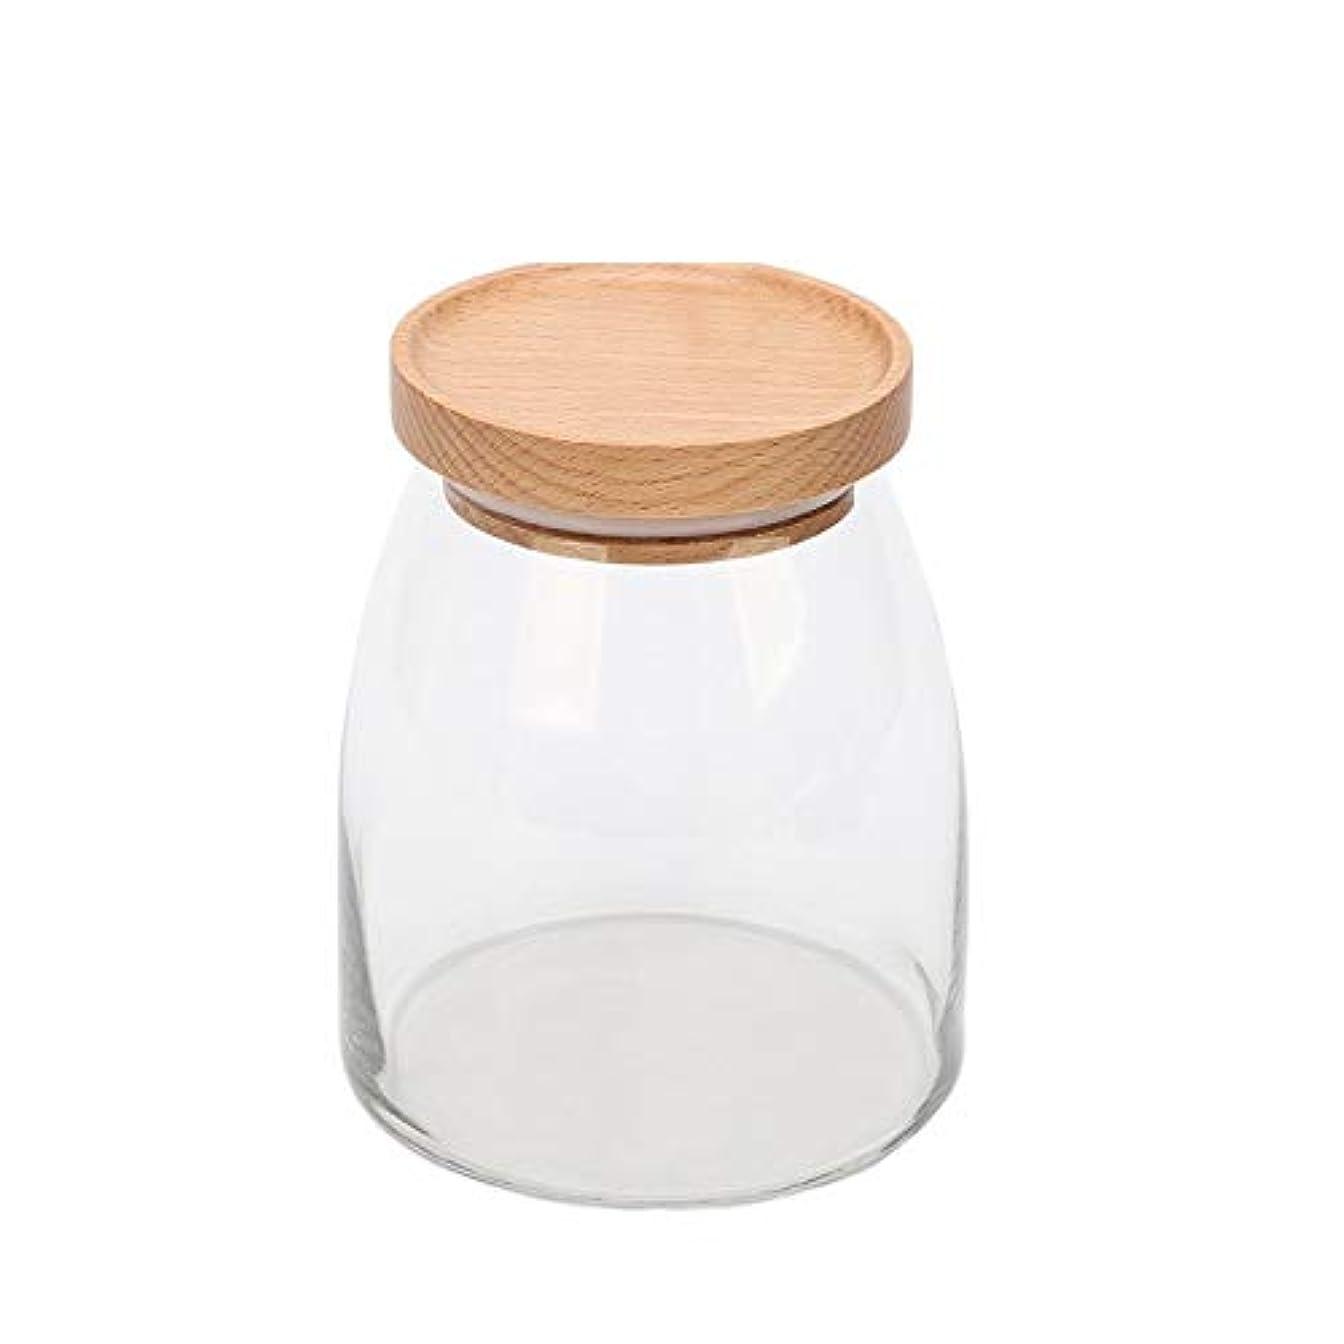 松明ギャラントリー重力貯蔵タンク、透明ガラス貯蔵タンク、家庭用食品、茶瓶